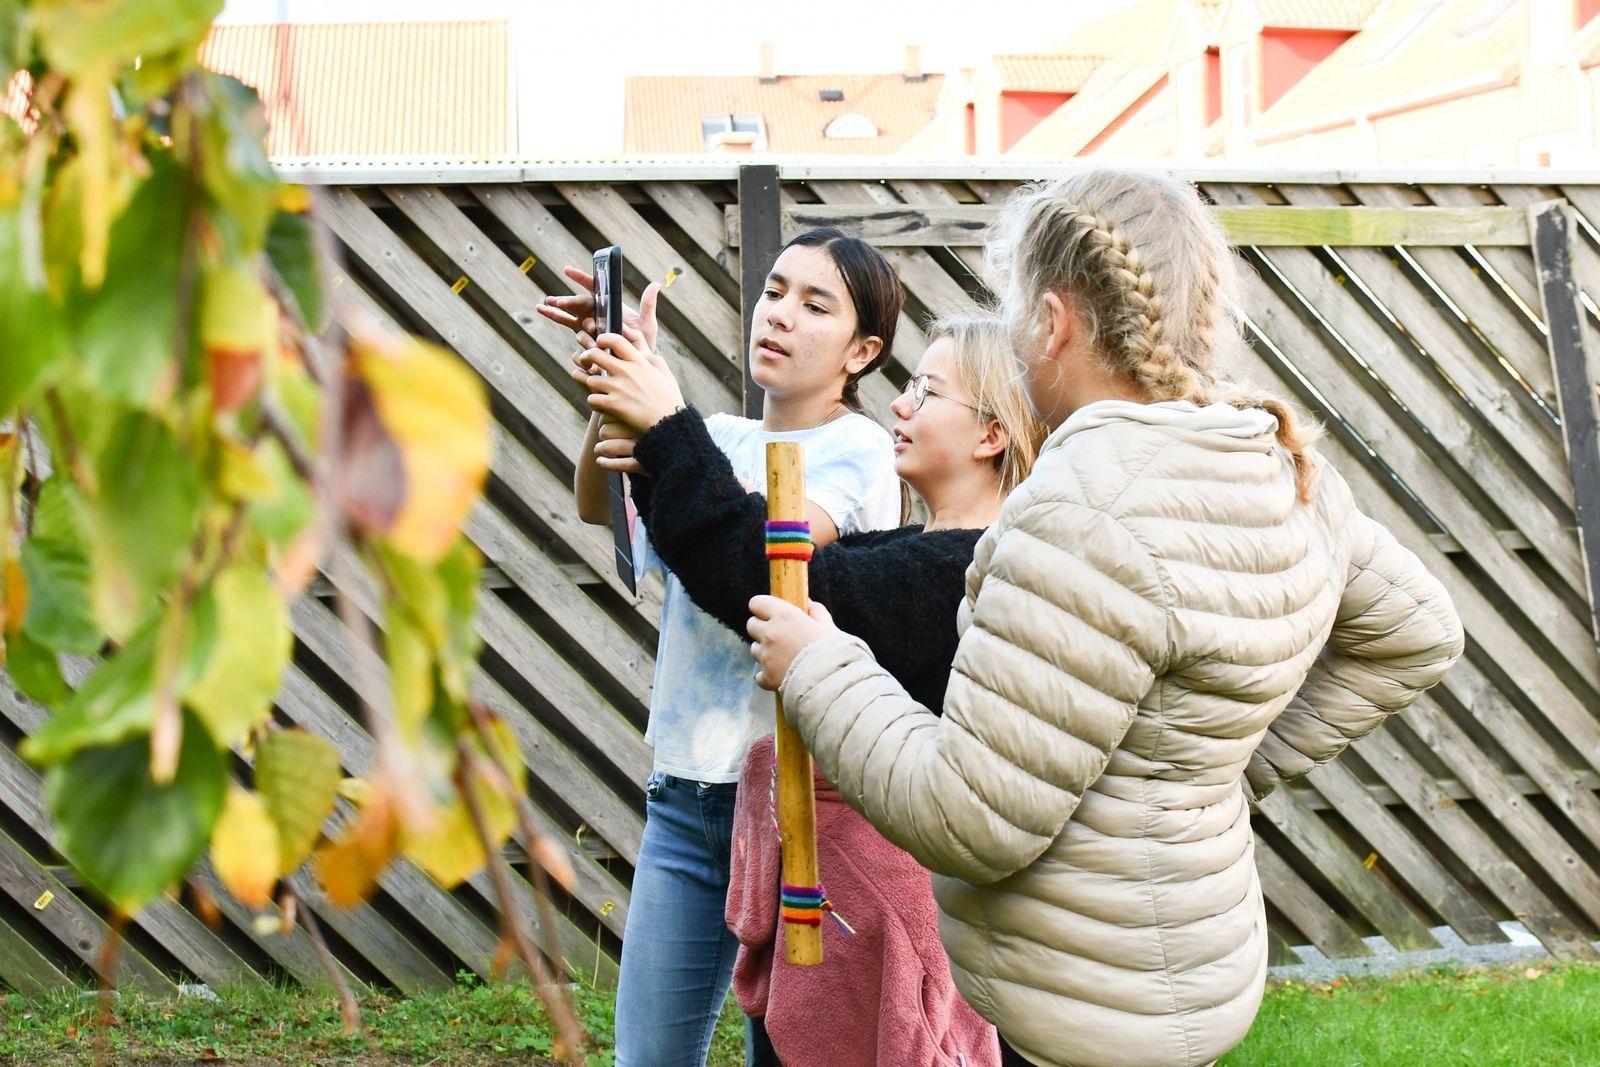 Qudsia Froogh, Edith Åkesson och Ella Andersson i färd med att filma en sekvens bland björkens bladverk.